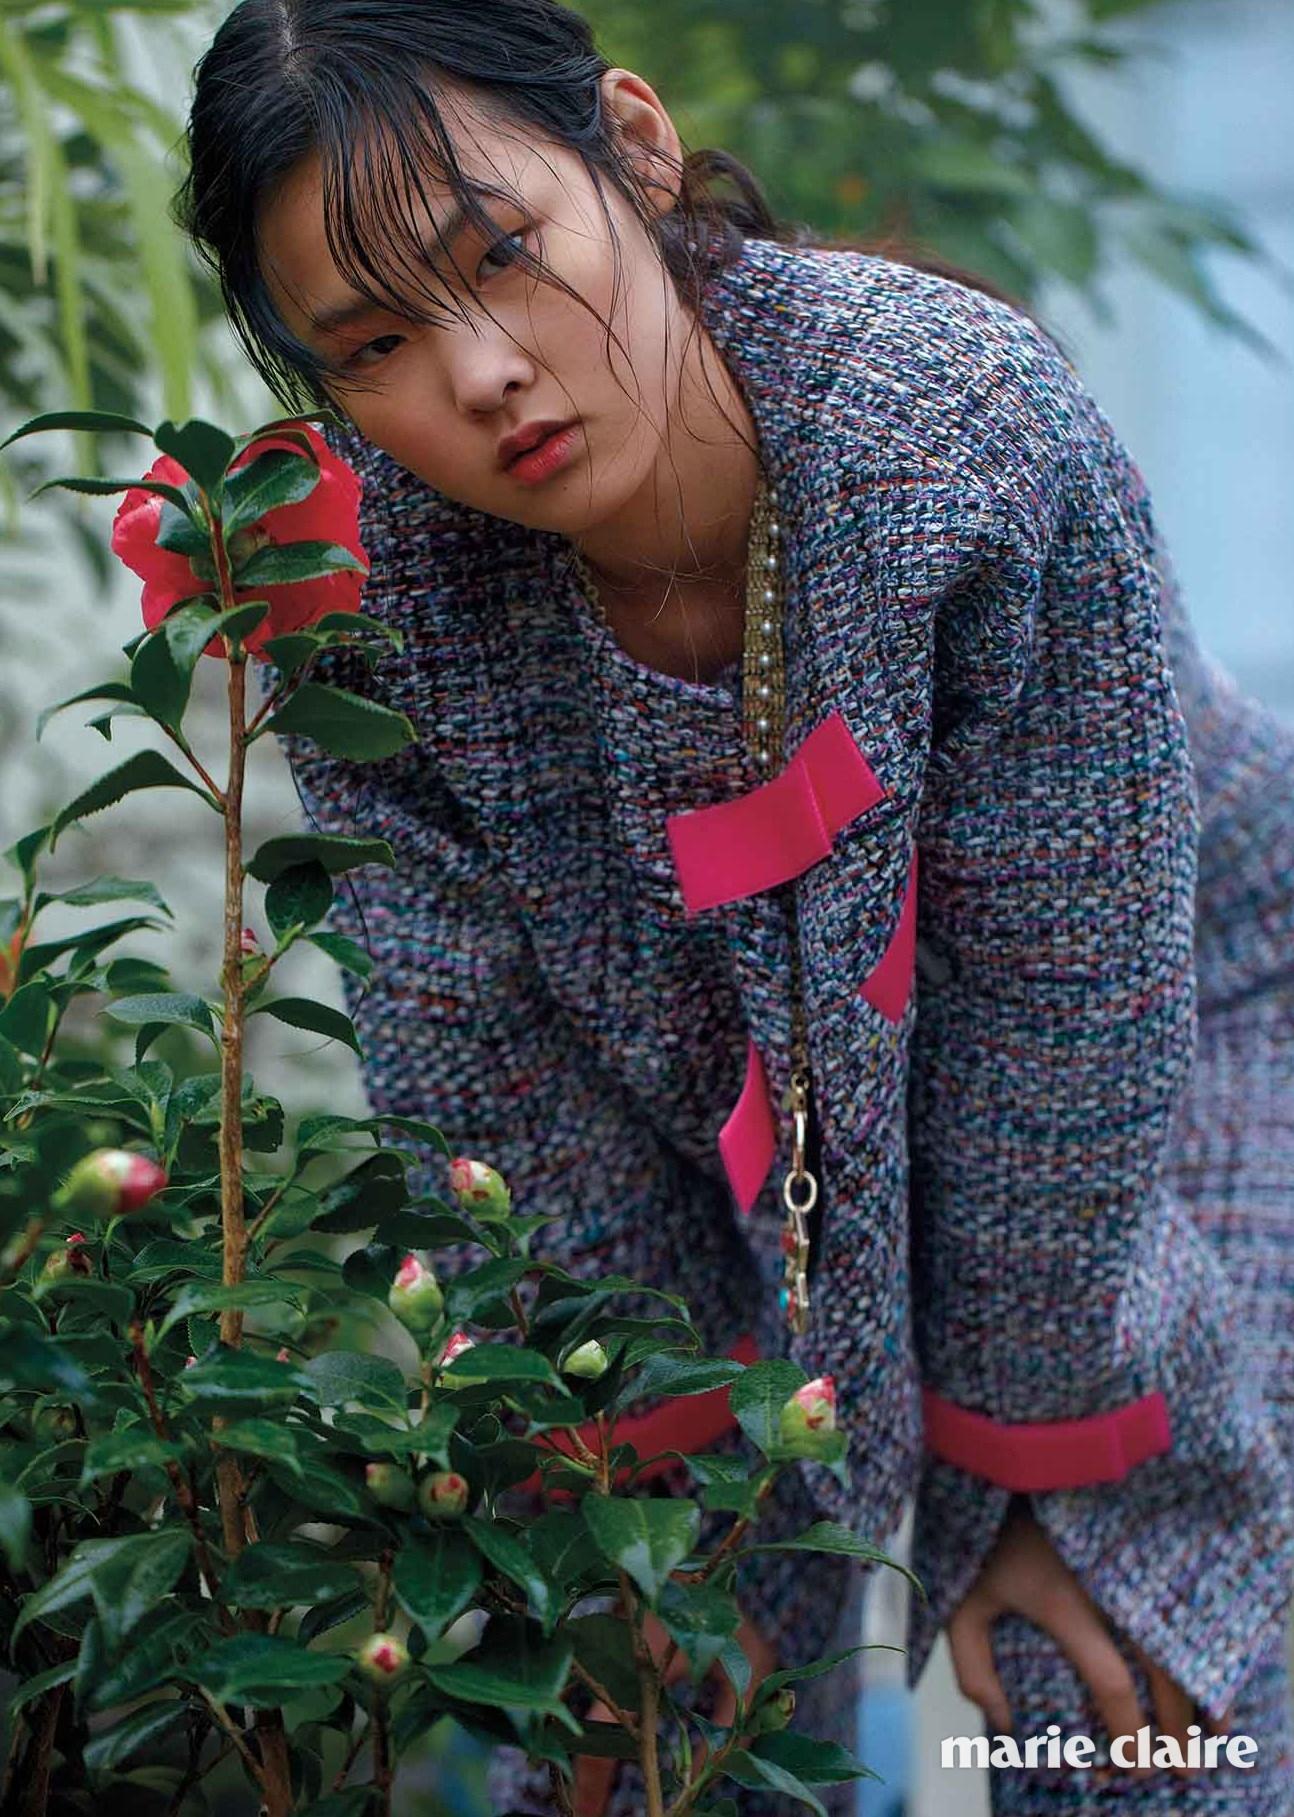 벨크로 테이프로 여미는 독특한 트위드 재킷과 팬츠, 체인 네크리스 모두 샤넬(Chanel)